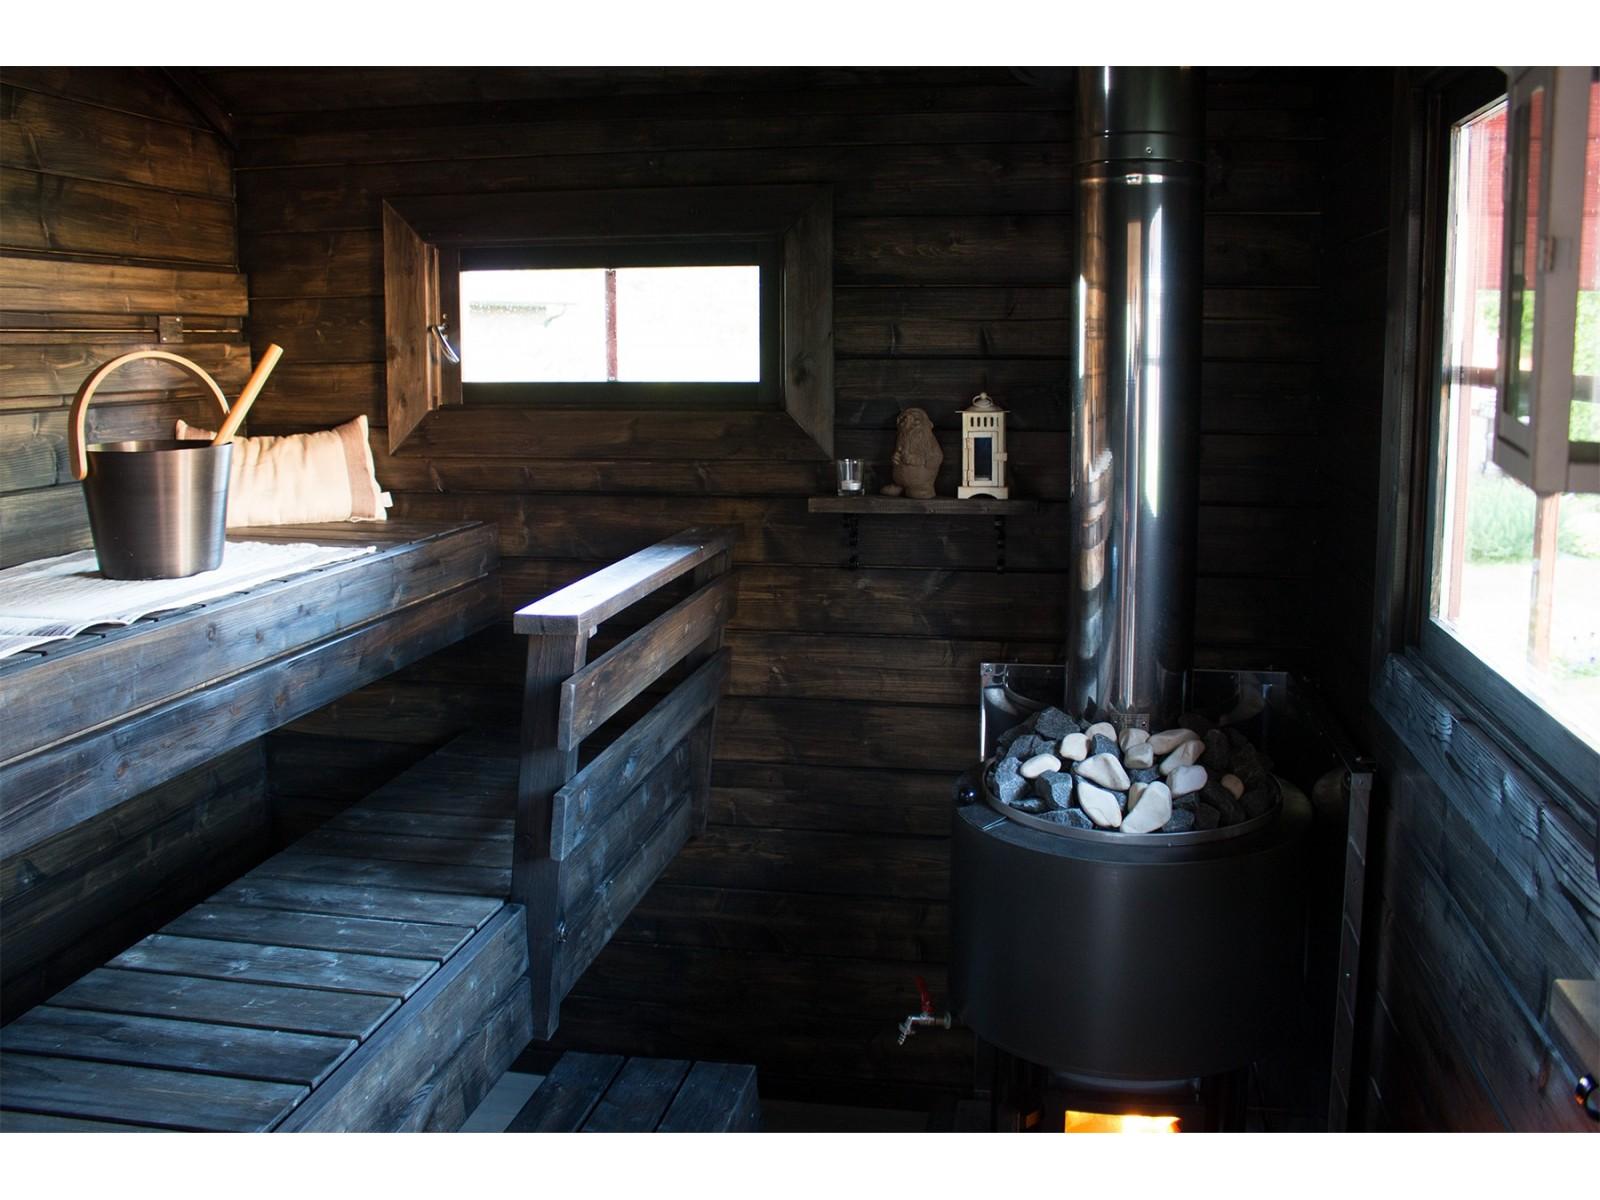 Perinnesauna Soma Sivuikkunalla - Kiuas ja lauteet